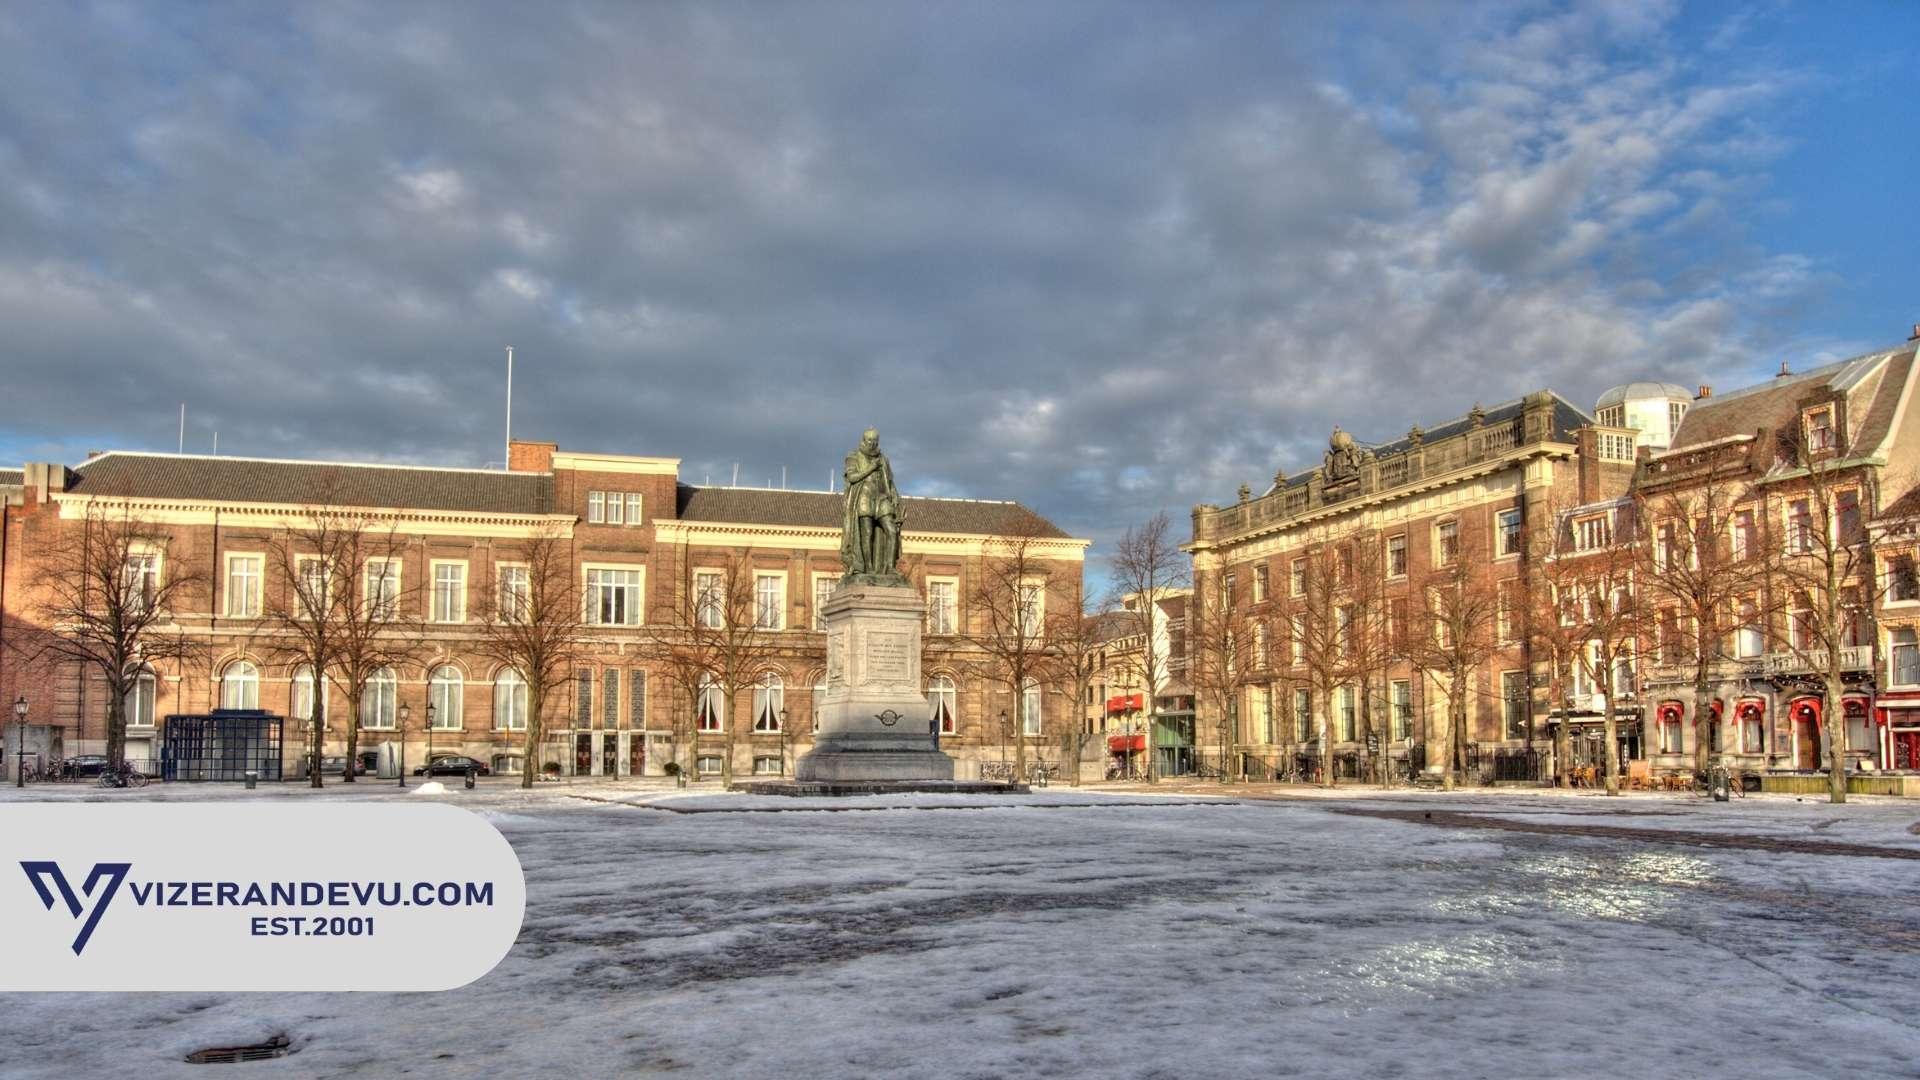 Hollanda Hakkındaki Güncel Bilgiler Nelerdir?